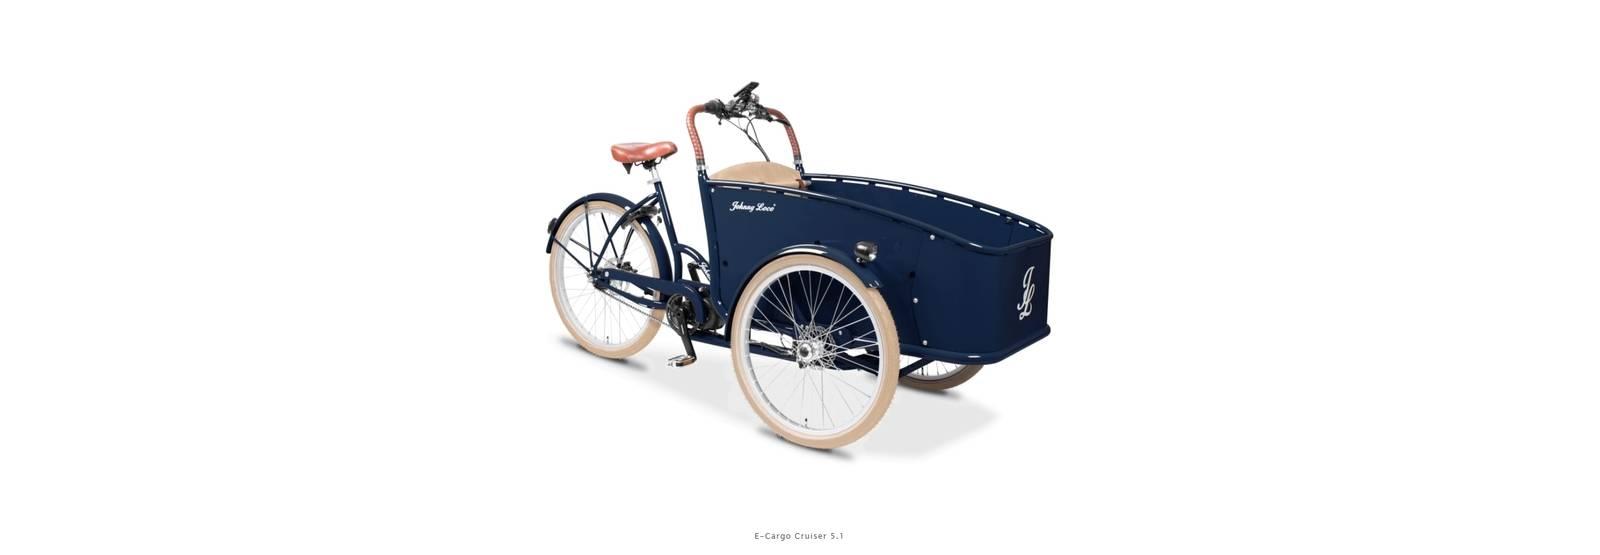 Johnny Loco Cargo transport el sykkel